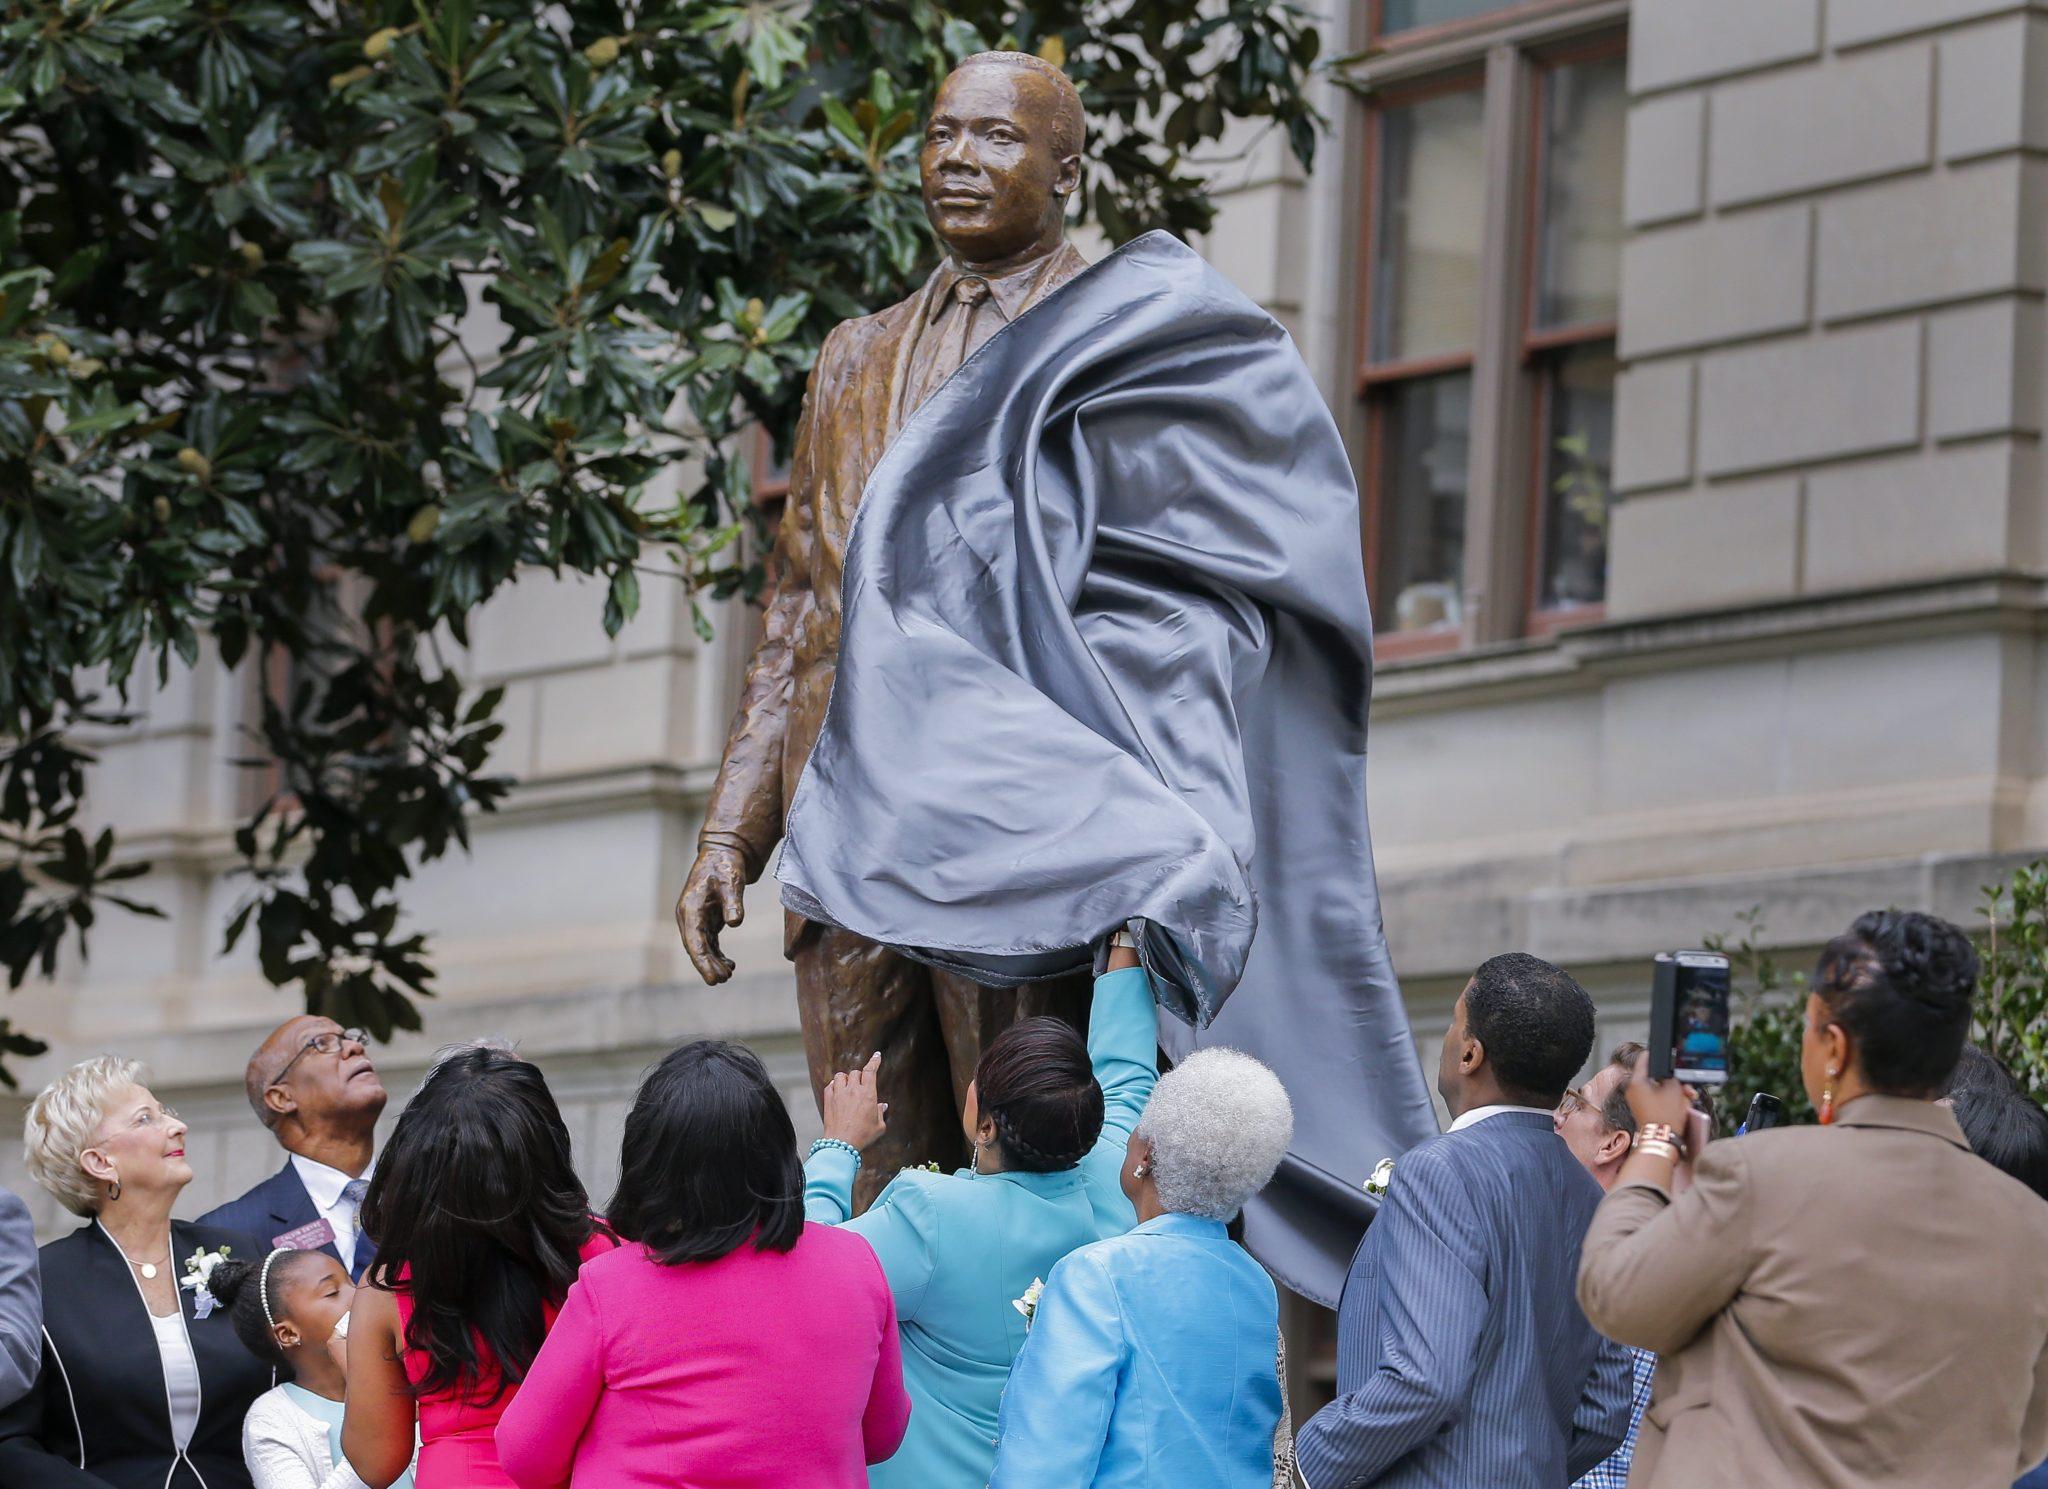 Członkowie rodziny i urzędnicy państwowi odsłaniają figurę przywódcę praw obywatelskich Martina Luthera Kinga przy Kapitolu stanu Georgia w Atlancie, USA, fot: Erik S. Lesser, PAP/EPA